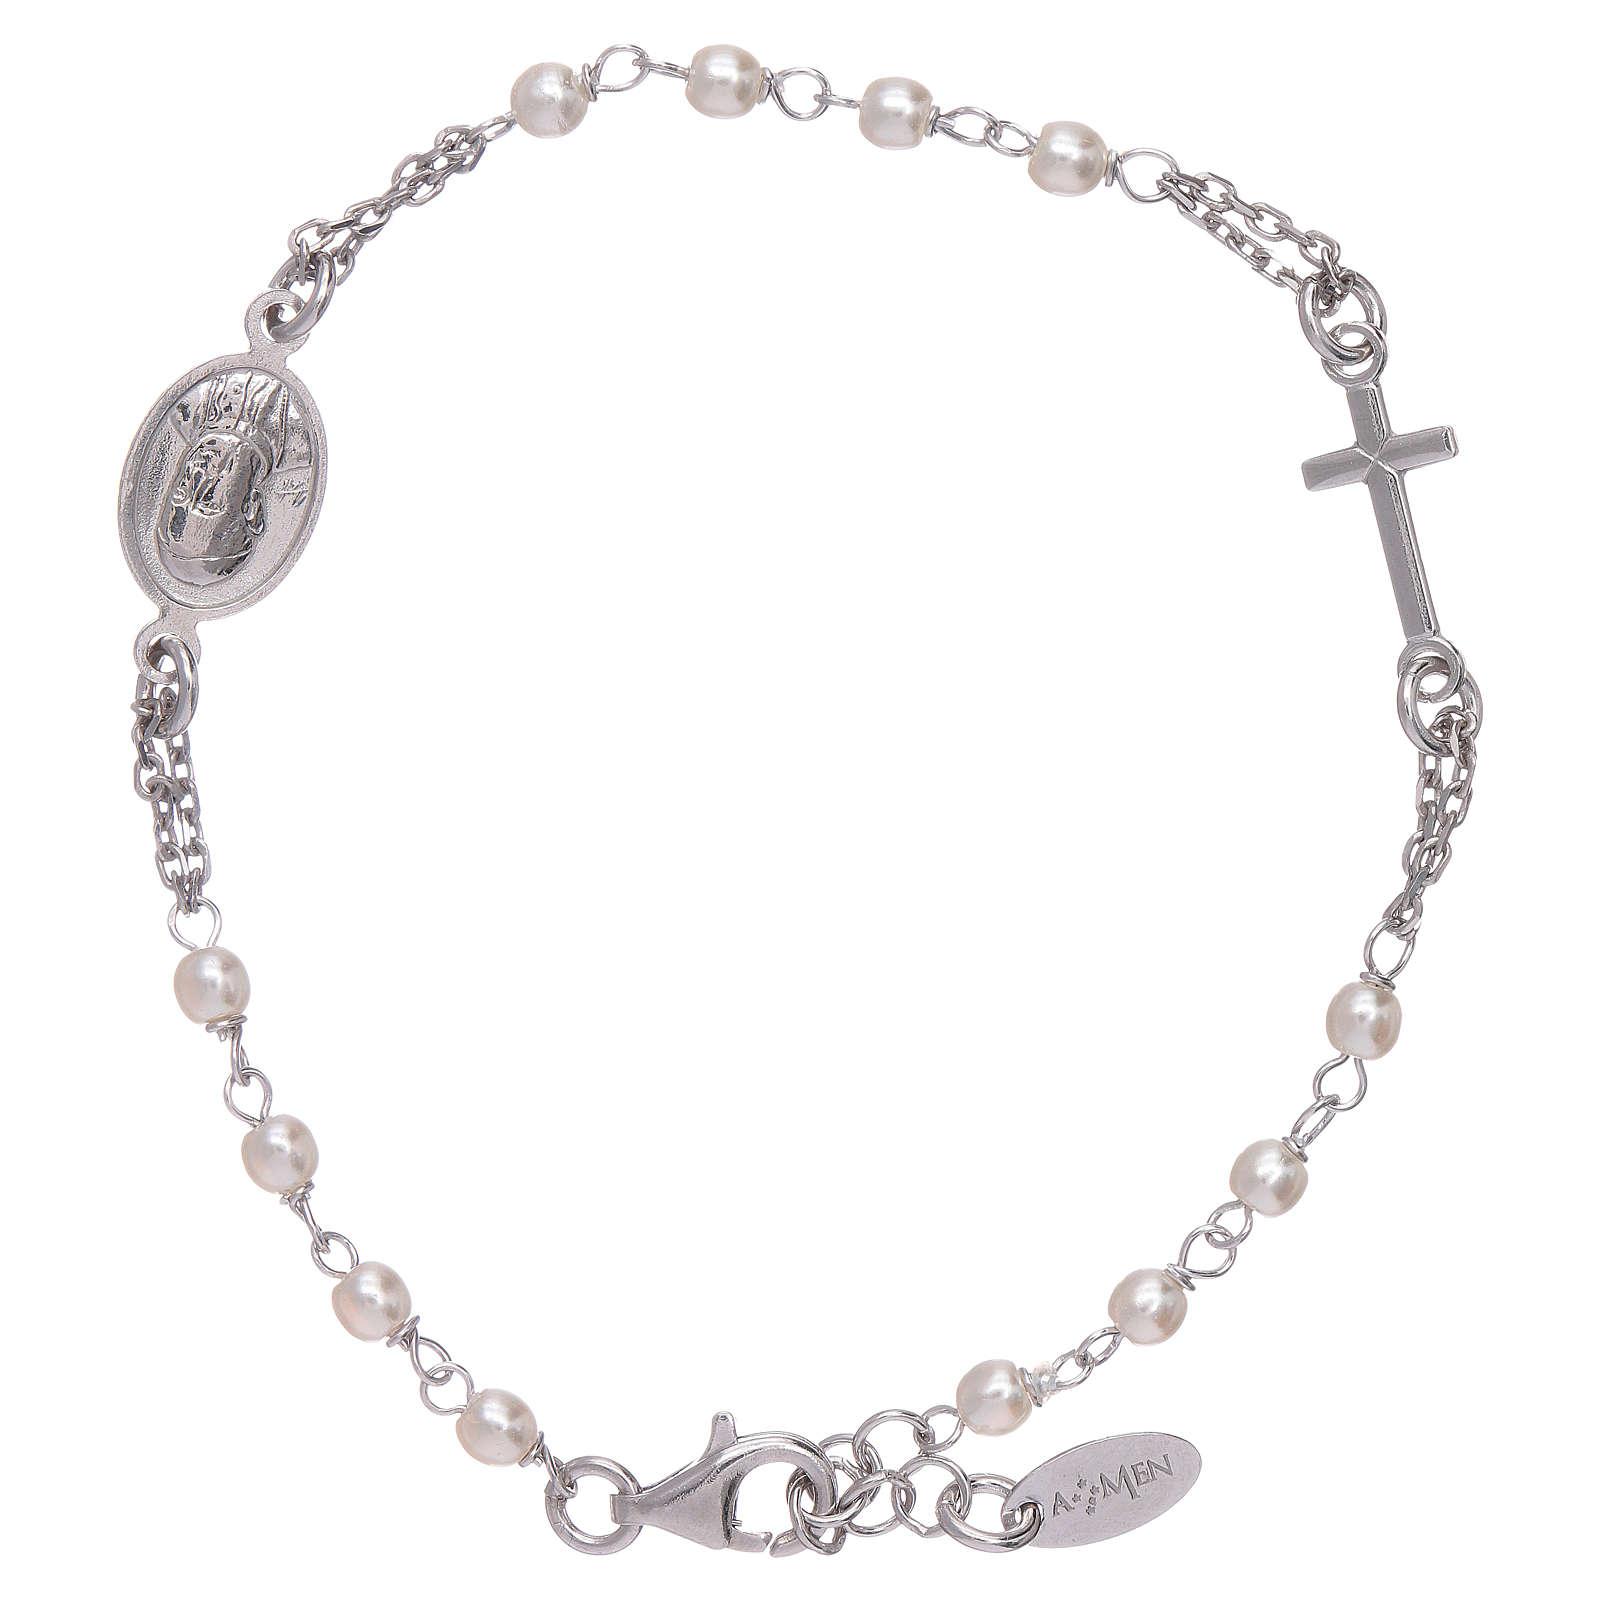 Bransoletka Amen różaniec Jubileusz perełki Swarovski i srebro 925 4